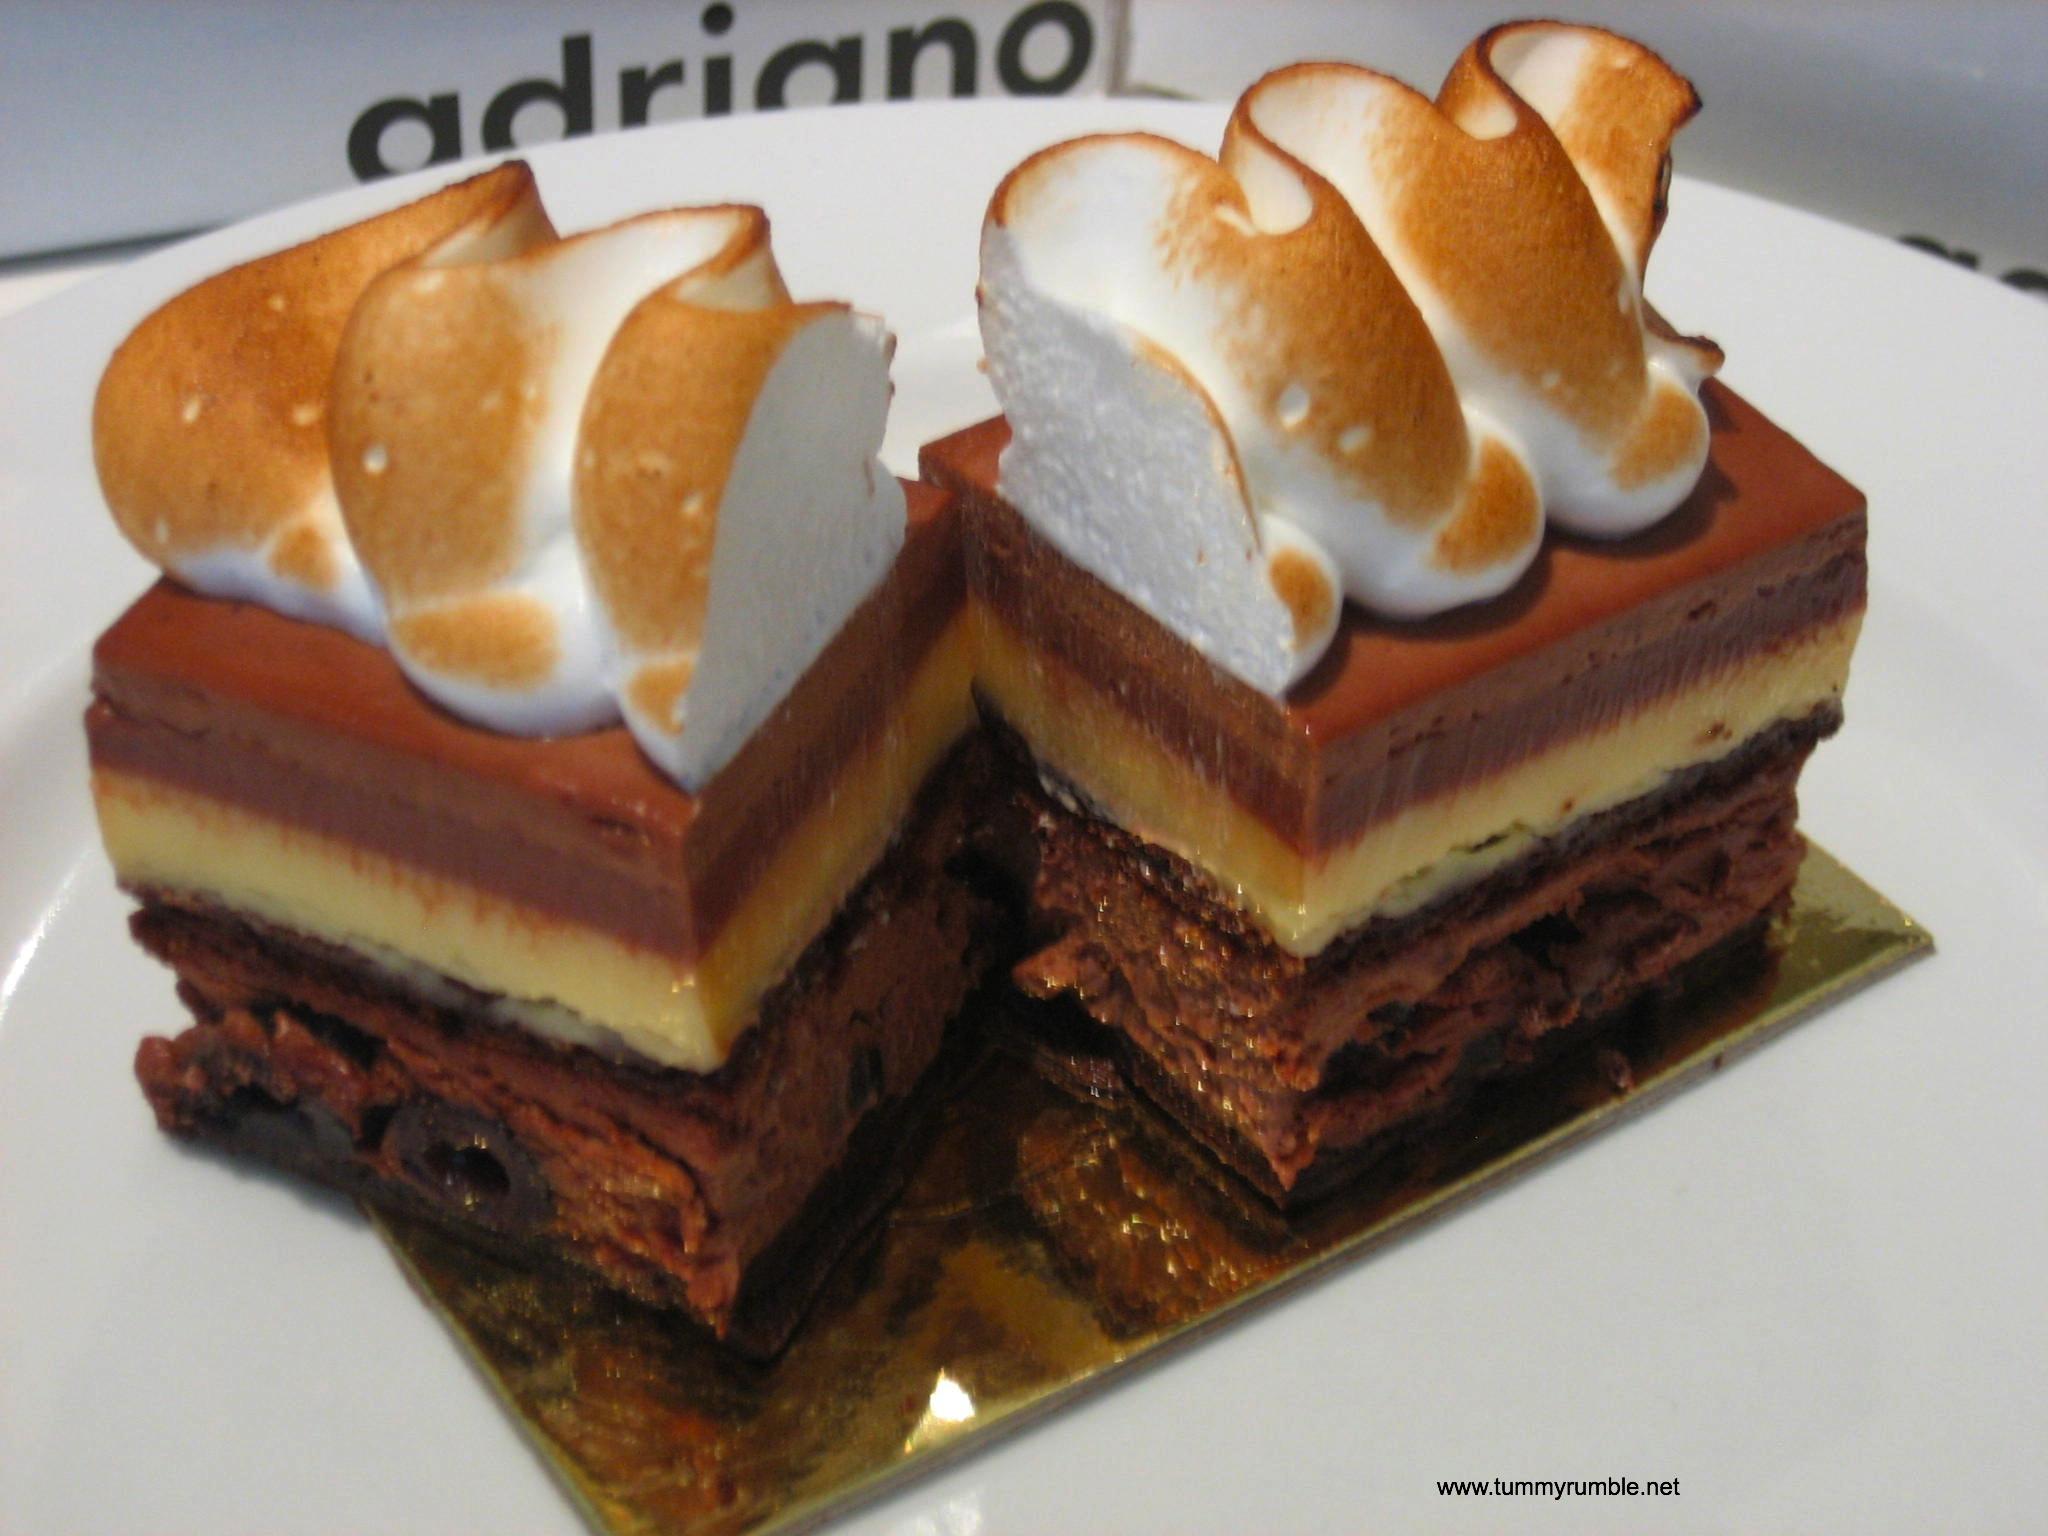 Birthday Cakes Zumbo ~ The dark chocolate version of adriano zumbo's 'v8 cake'. this is